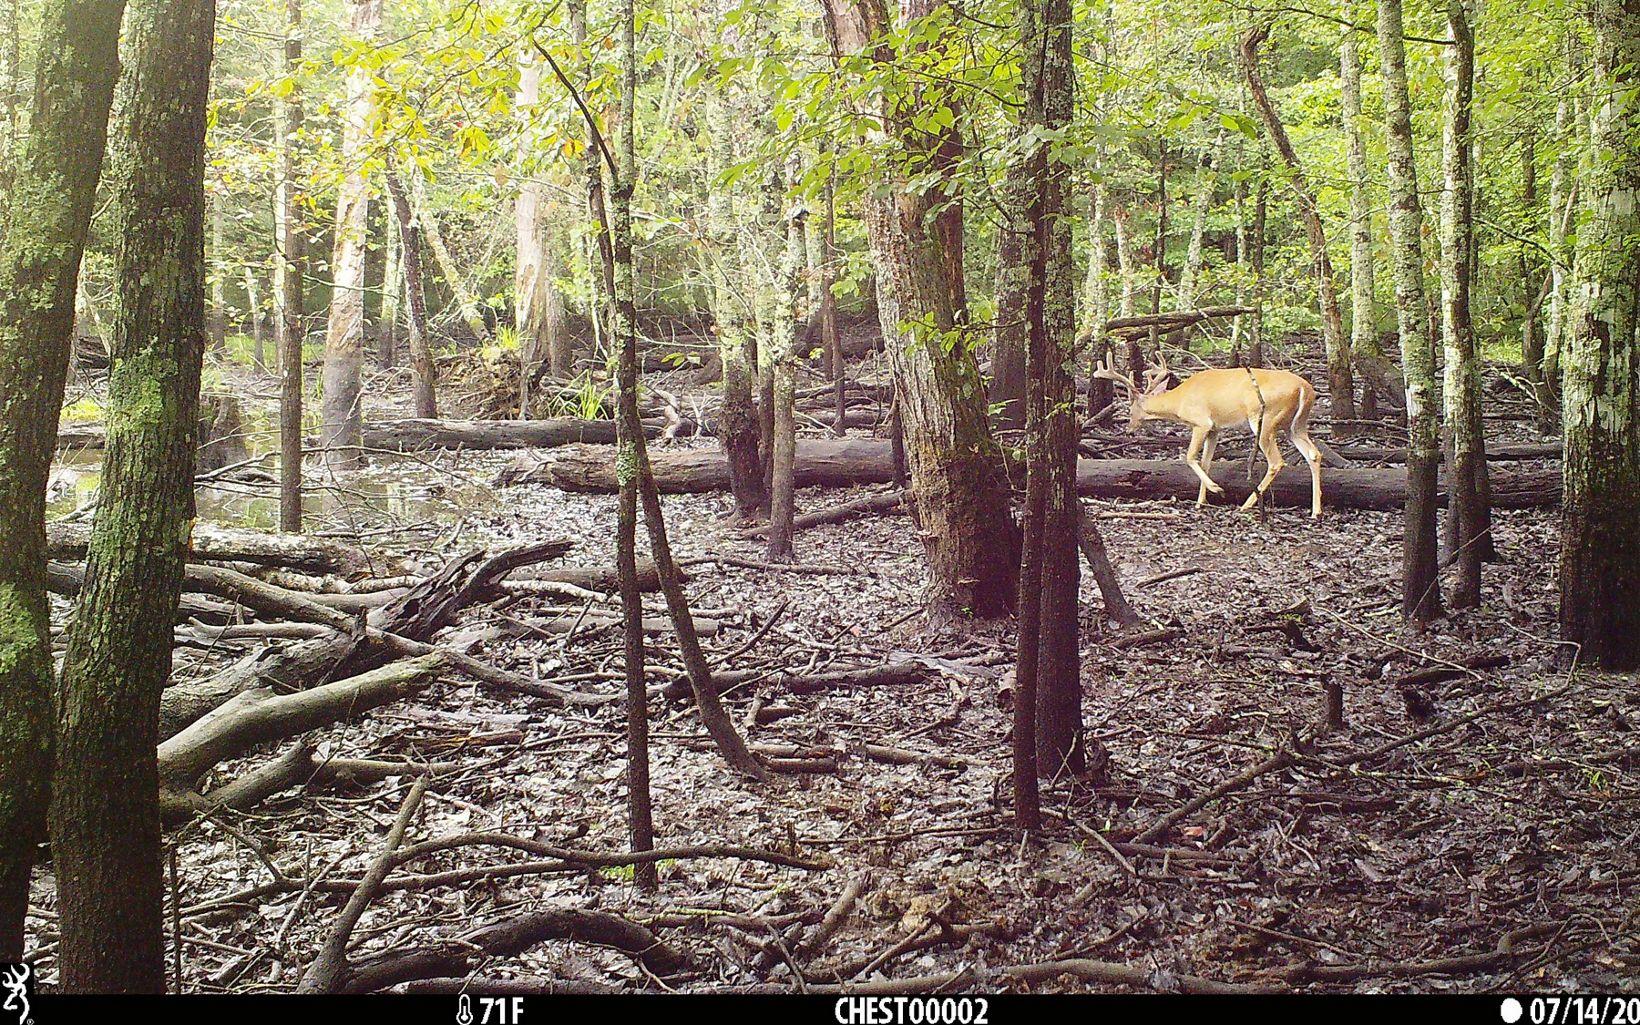 A deer walks through a wetland.